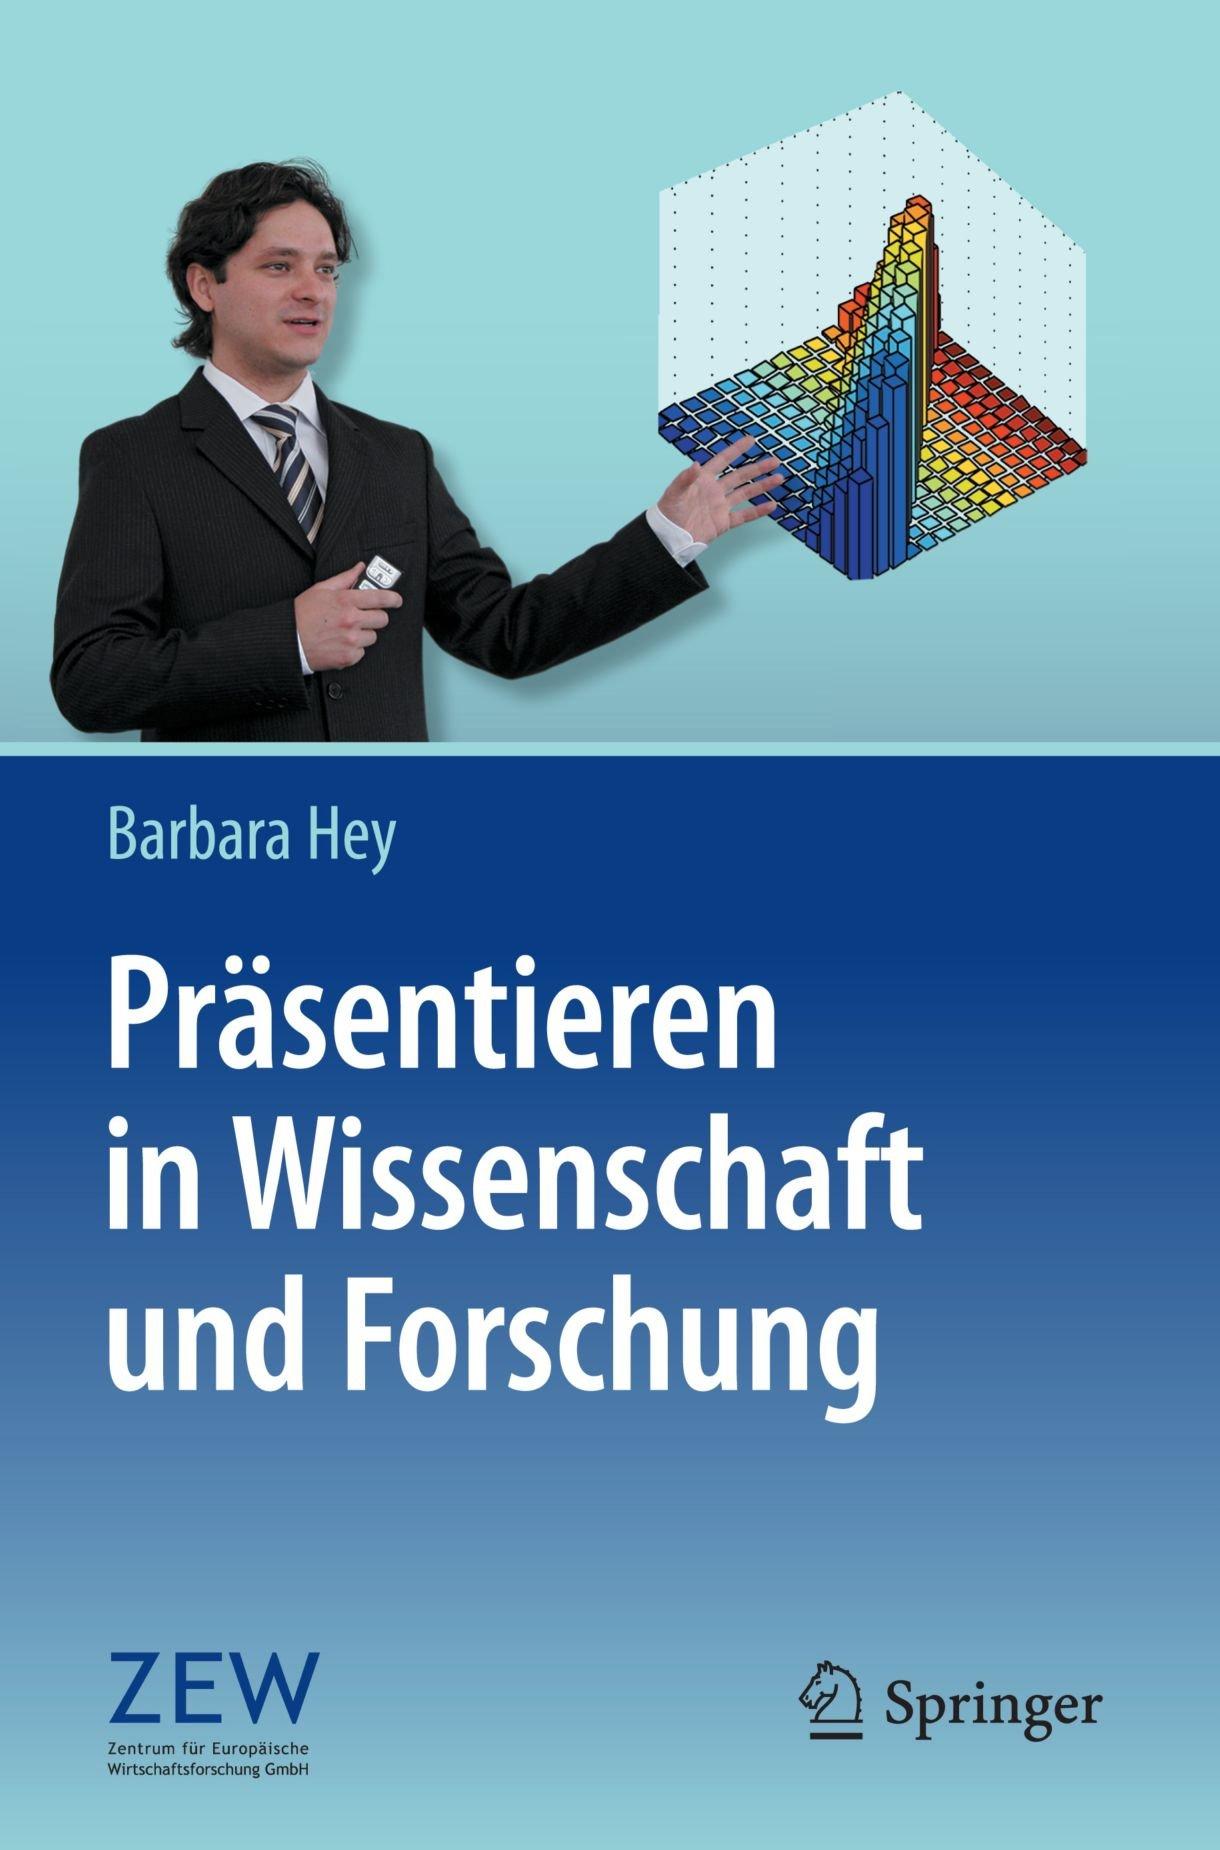 Präsentieren in Wissenschaft und Forschung (German Edition) Taschenbuch – 3. Februar 2011 Barbara Hey Springer 3642145868 BUS069000